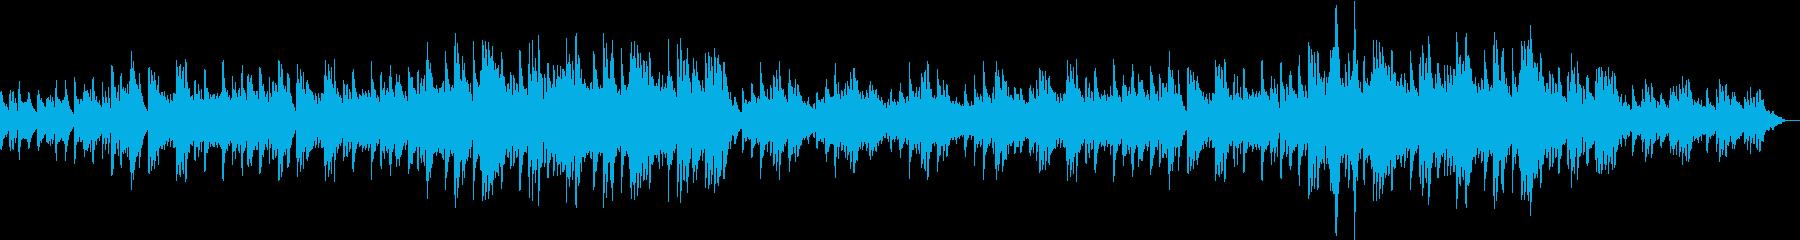 ピアノソロの壮大なバラード6/8拍子の再生済みの波形